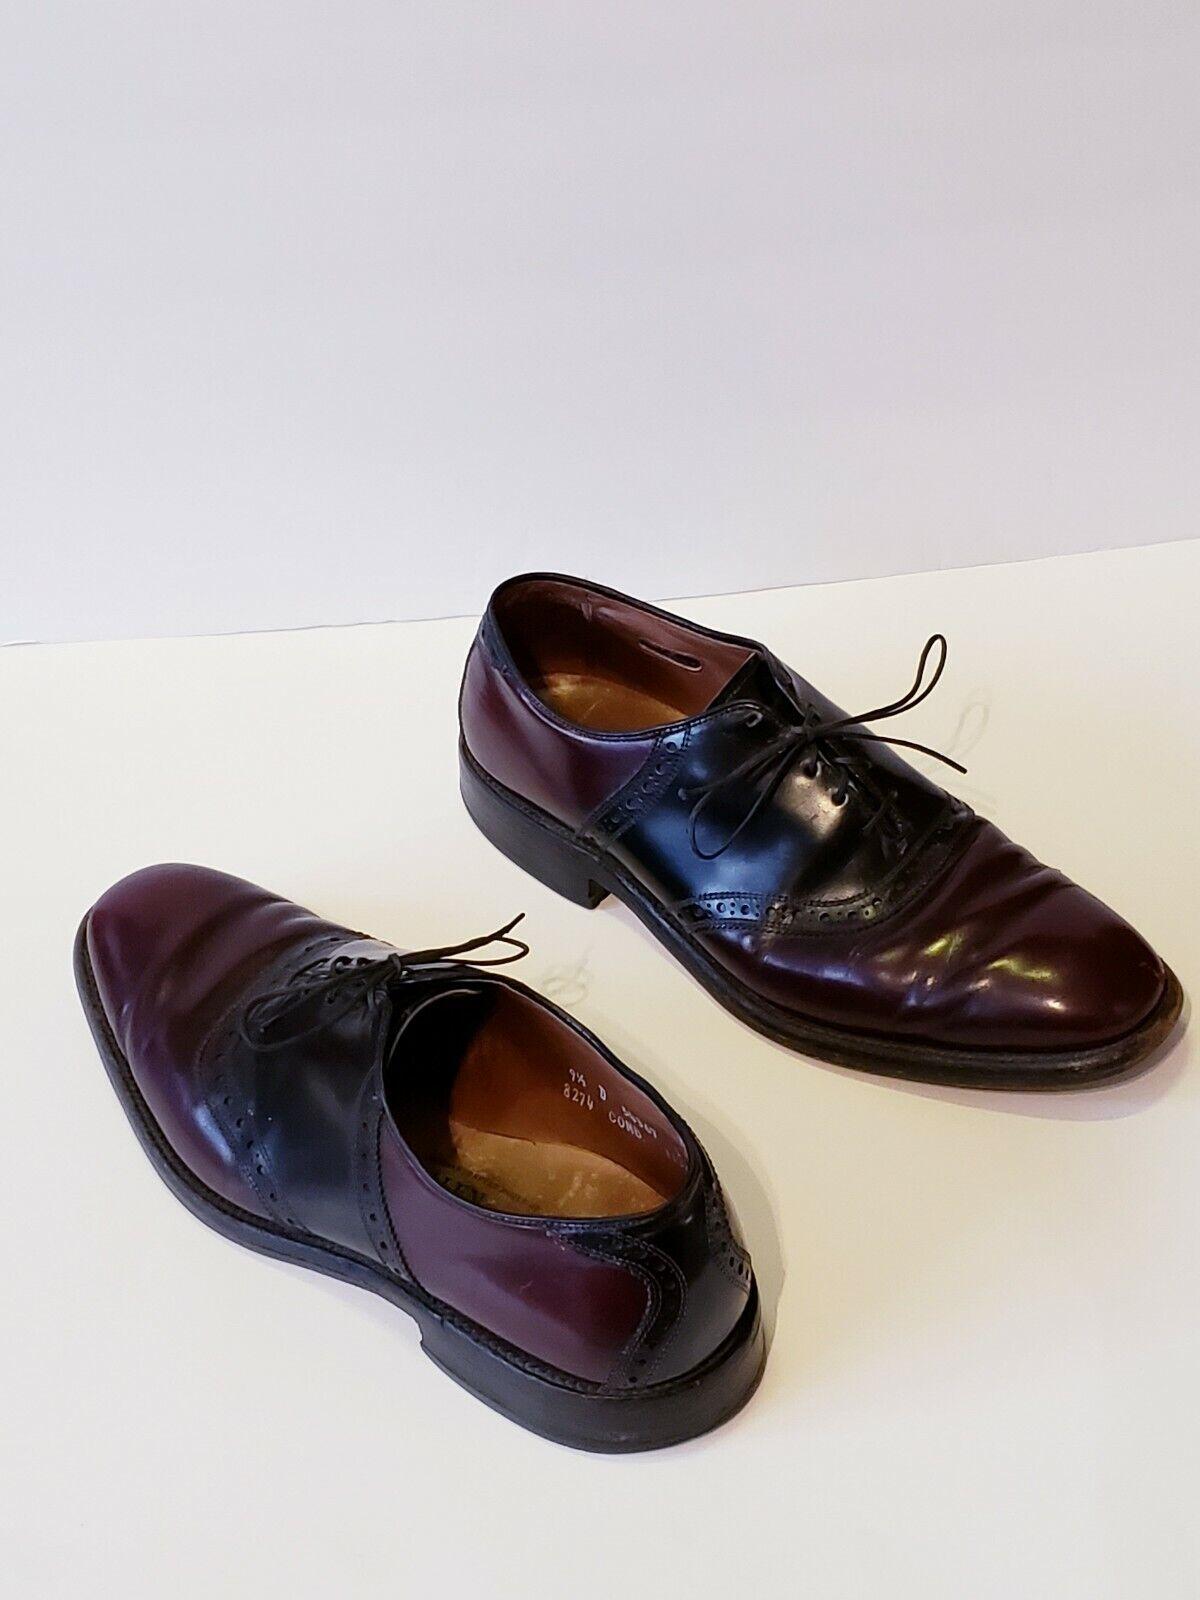 ALLEN EDMONDS Danbury Plain Toe marron Cuir Noir Oxford   Chaussure Taille 9.5 D